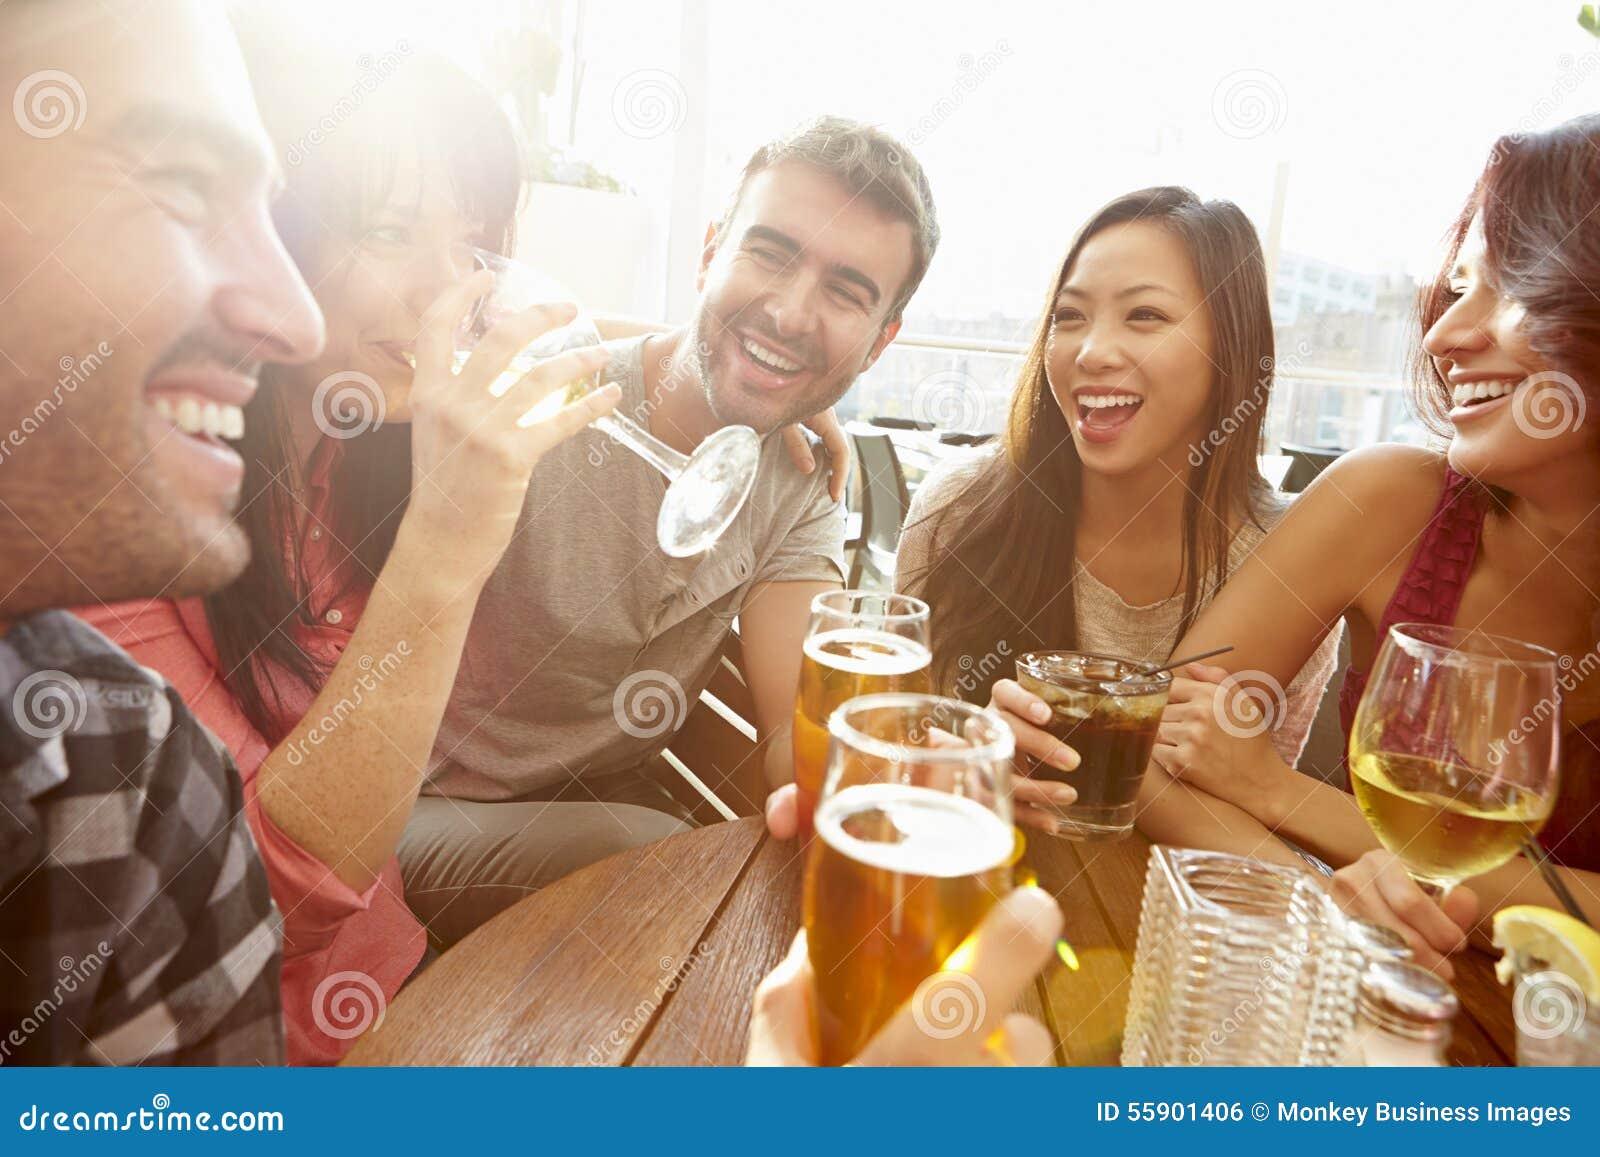 享受饮料的小组朋友在室外屋顶酒吧